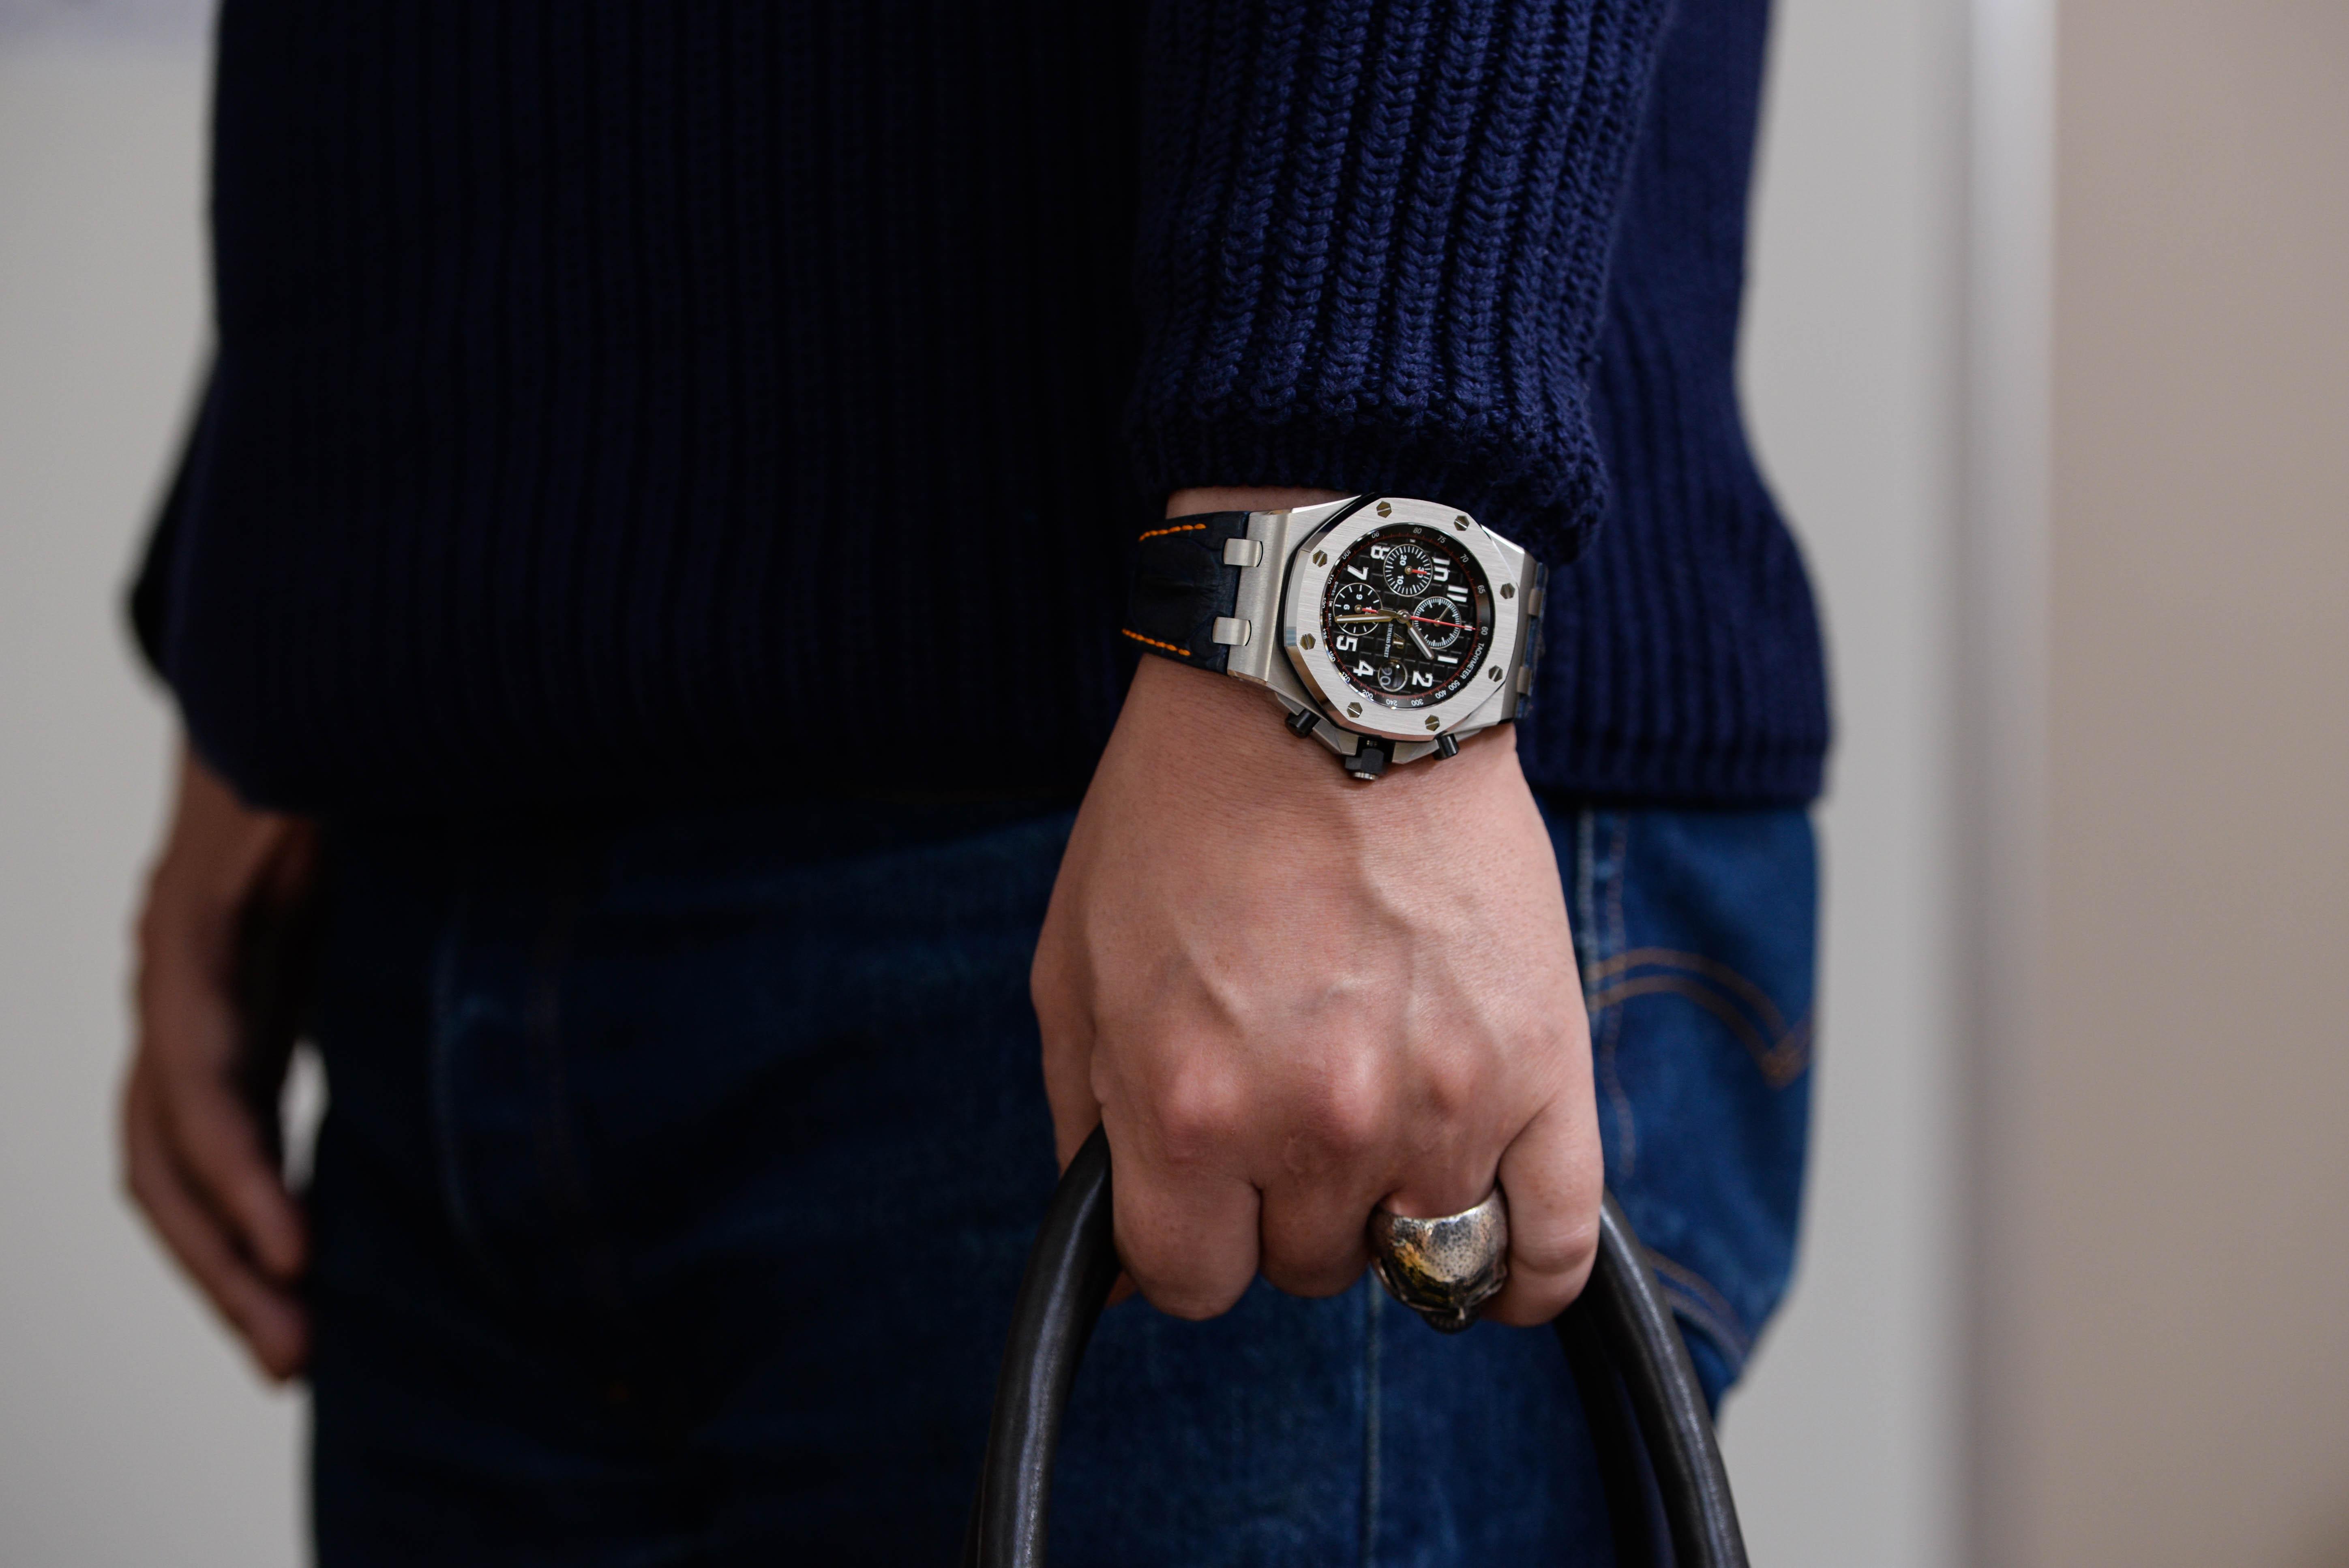 最初はディズニーの腕時計